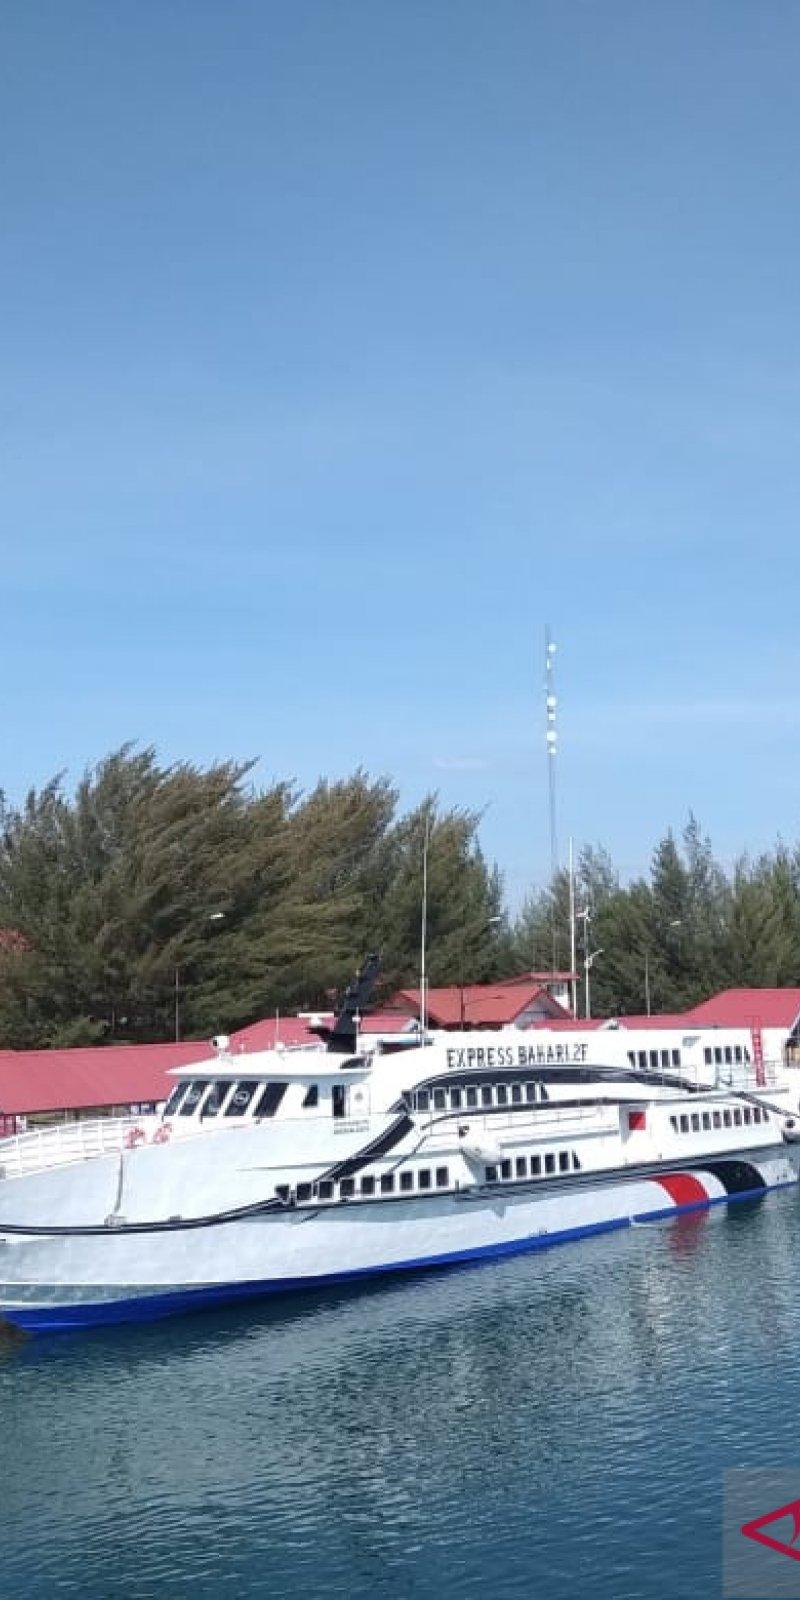 Tiket Kapal Cepat Sabang Banda Aceh Bakal Naik Rp10 000 Antara News Aceh